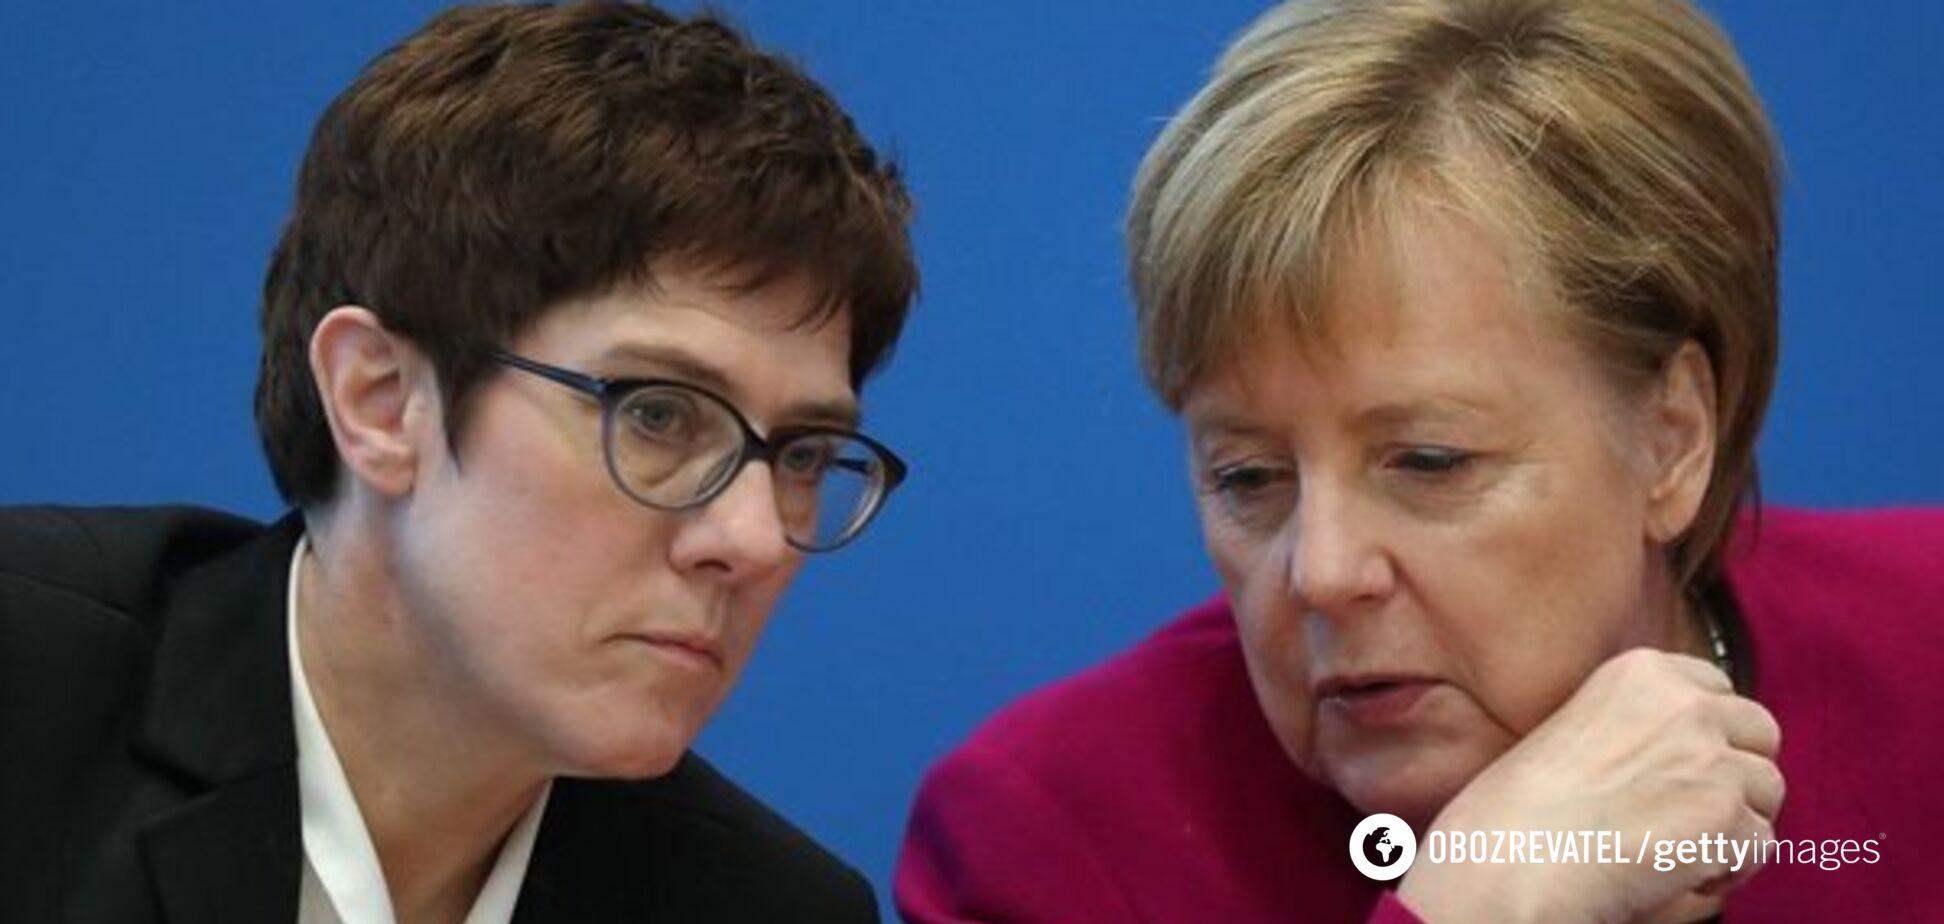 Преемница Меркель неожиданно поменяла позицию по России: что сказала